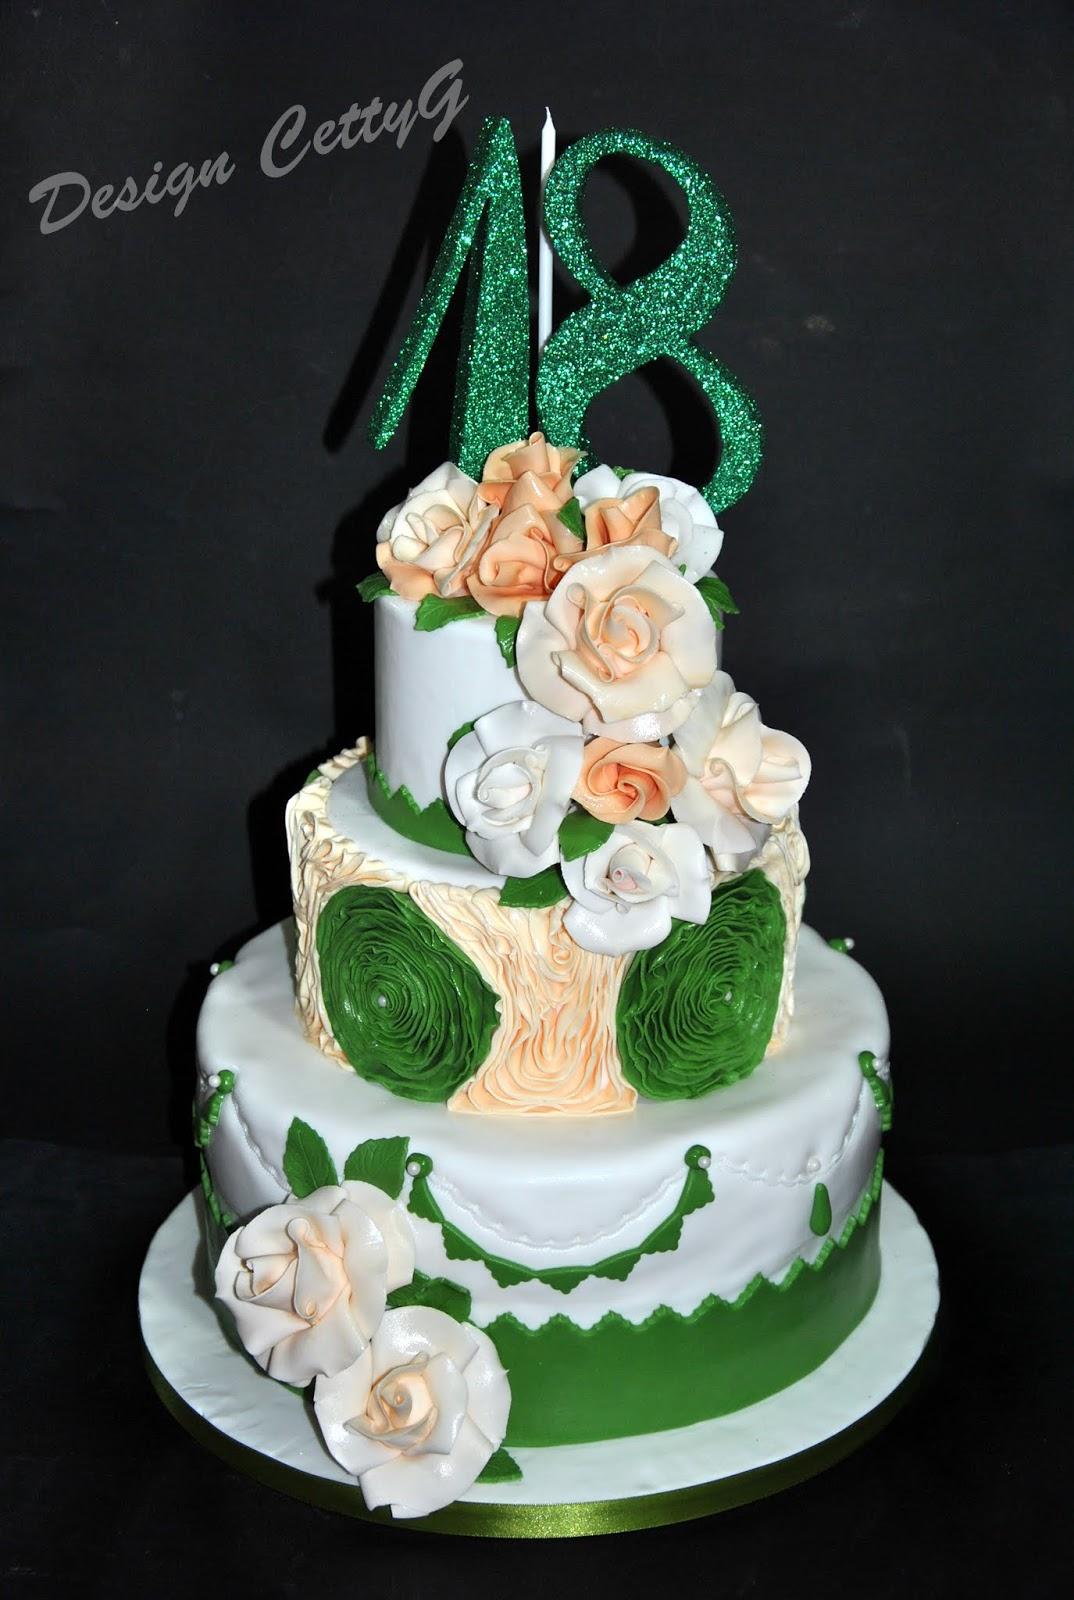 Le torte decorate di cetty g agosto 2014 for Torte per 18 anni maschile